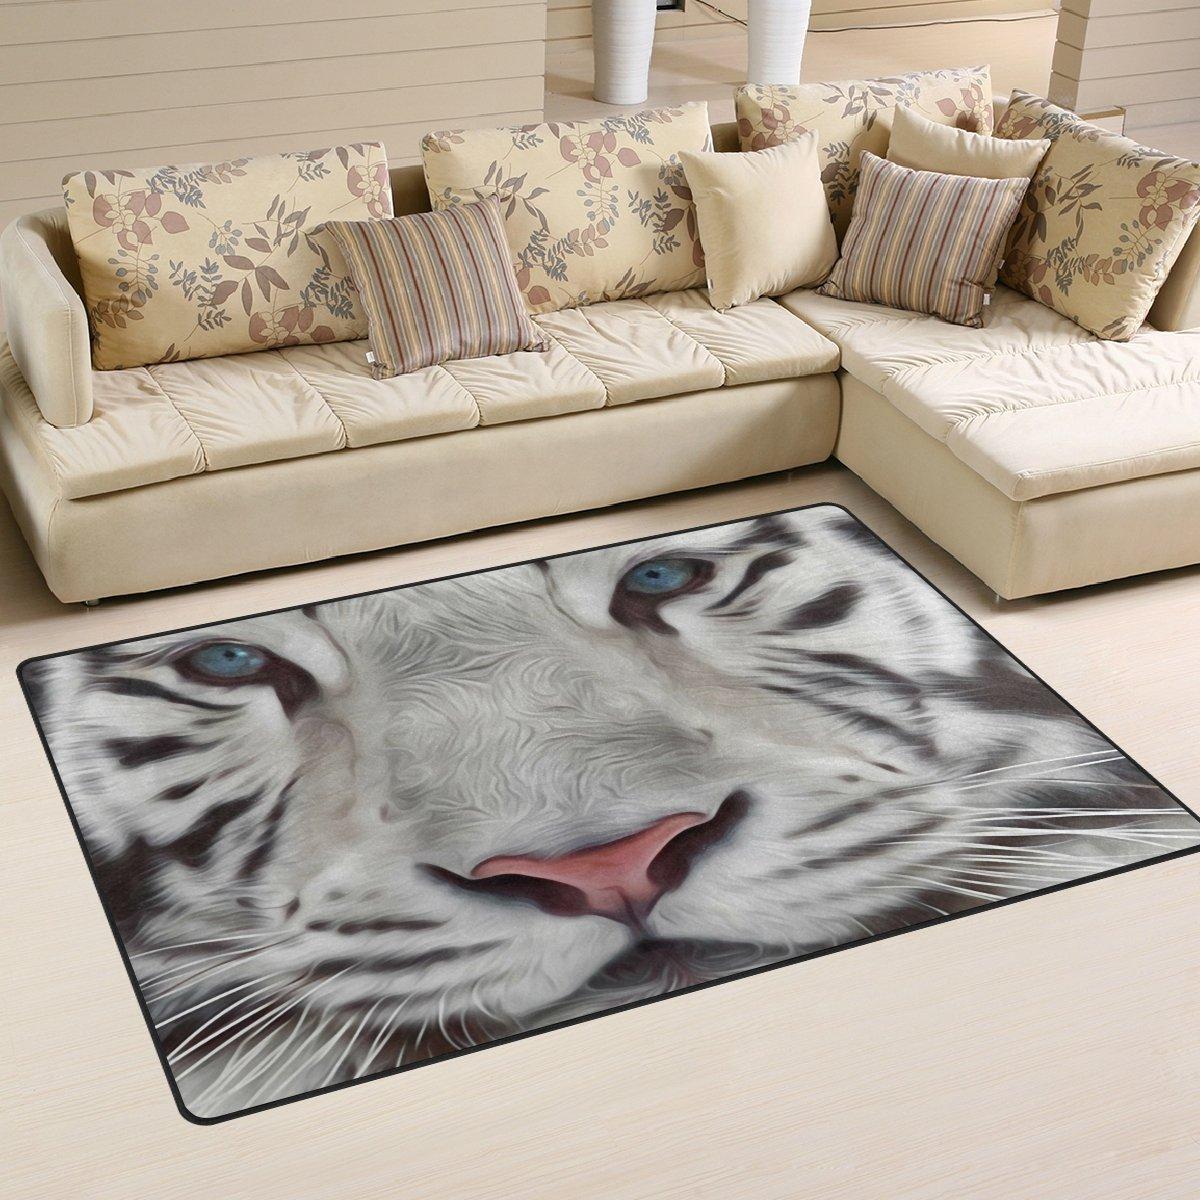 Naanle - Alfombra Antideslizante para saló n, saló n, Dormitorio, Cocina, 50 x 80 cm, diseñ o de Tigre Animal, Alfombra para guarderí a, Alfombra de Yoga, 50 x 80 cm(1.7' x 2.6') salón diseño de Tigre Animal